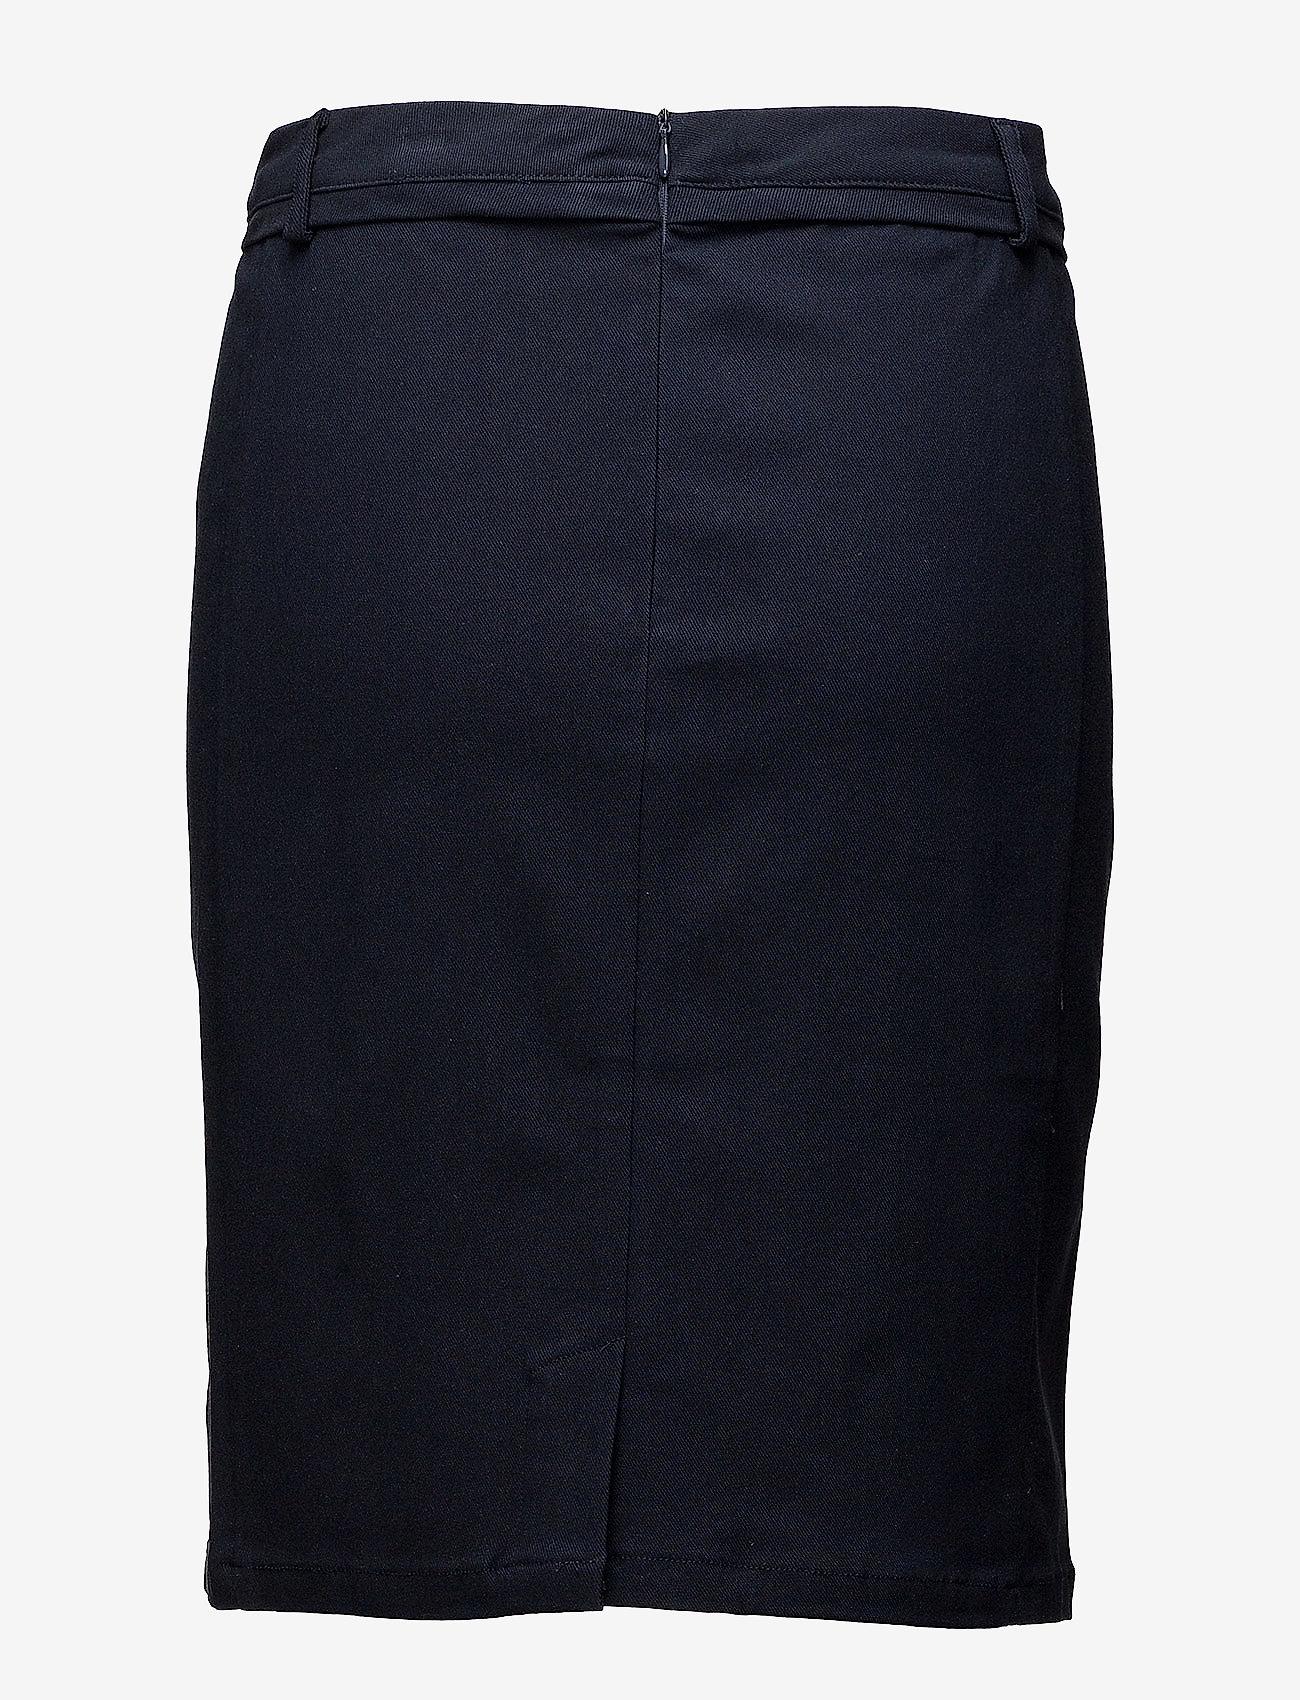 Minus - Carma skirt - midinederdele - black iris - 1